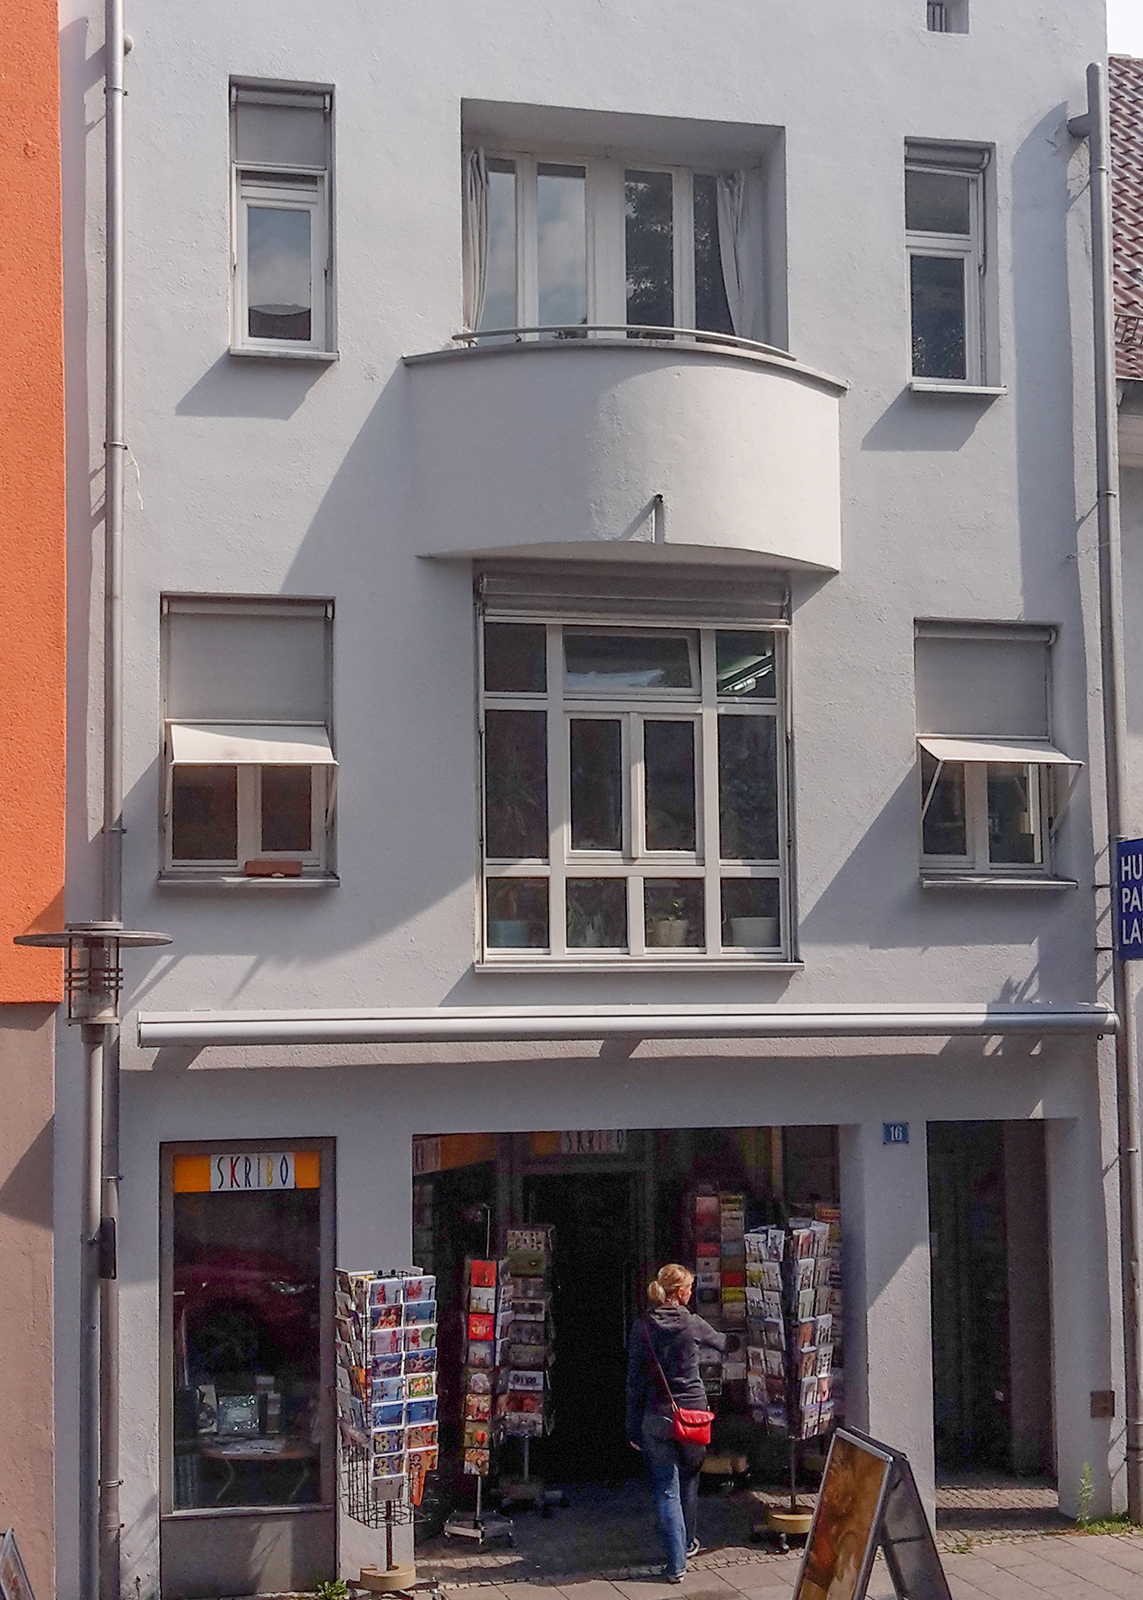 Ferienwohnung am Bodensee: City Appartement 2 - Außenansicht